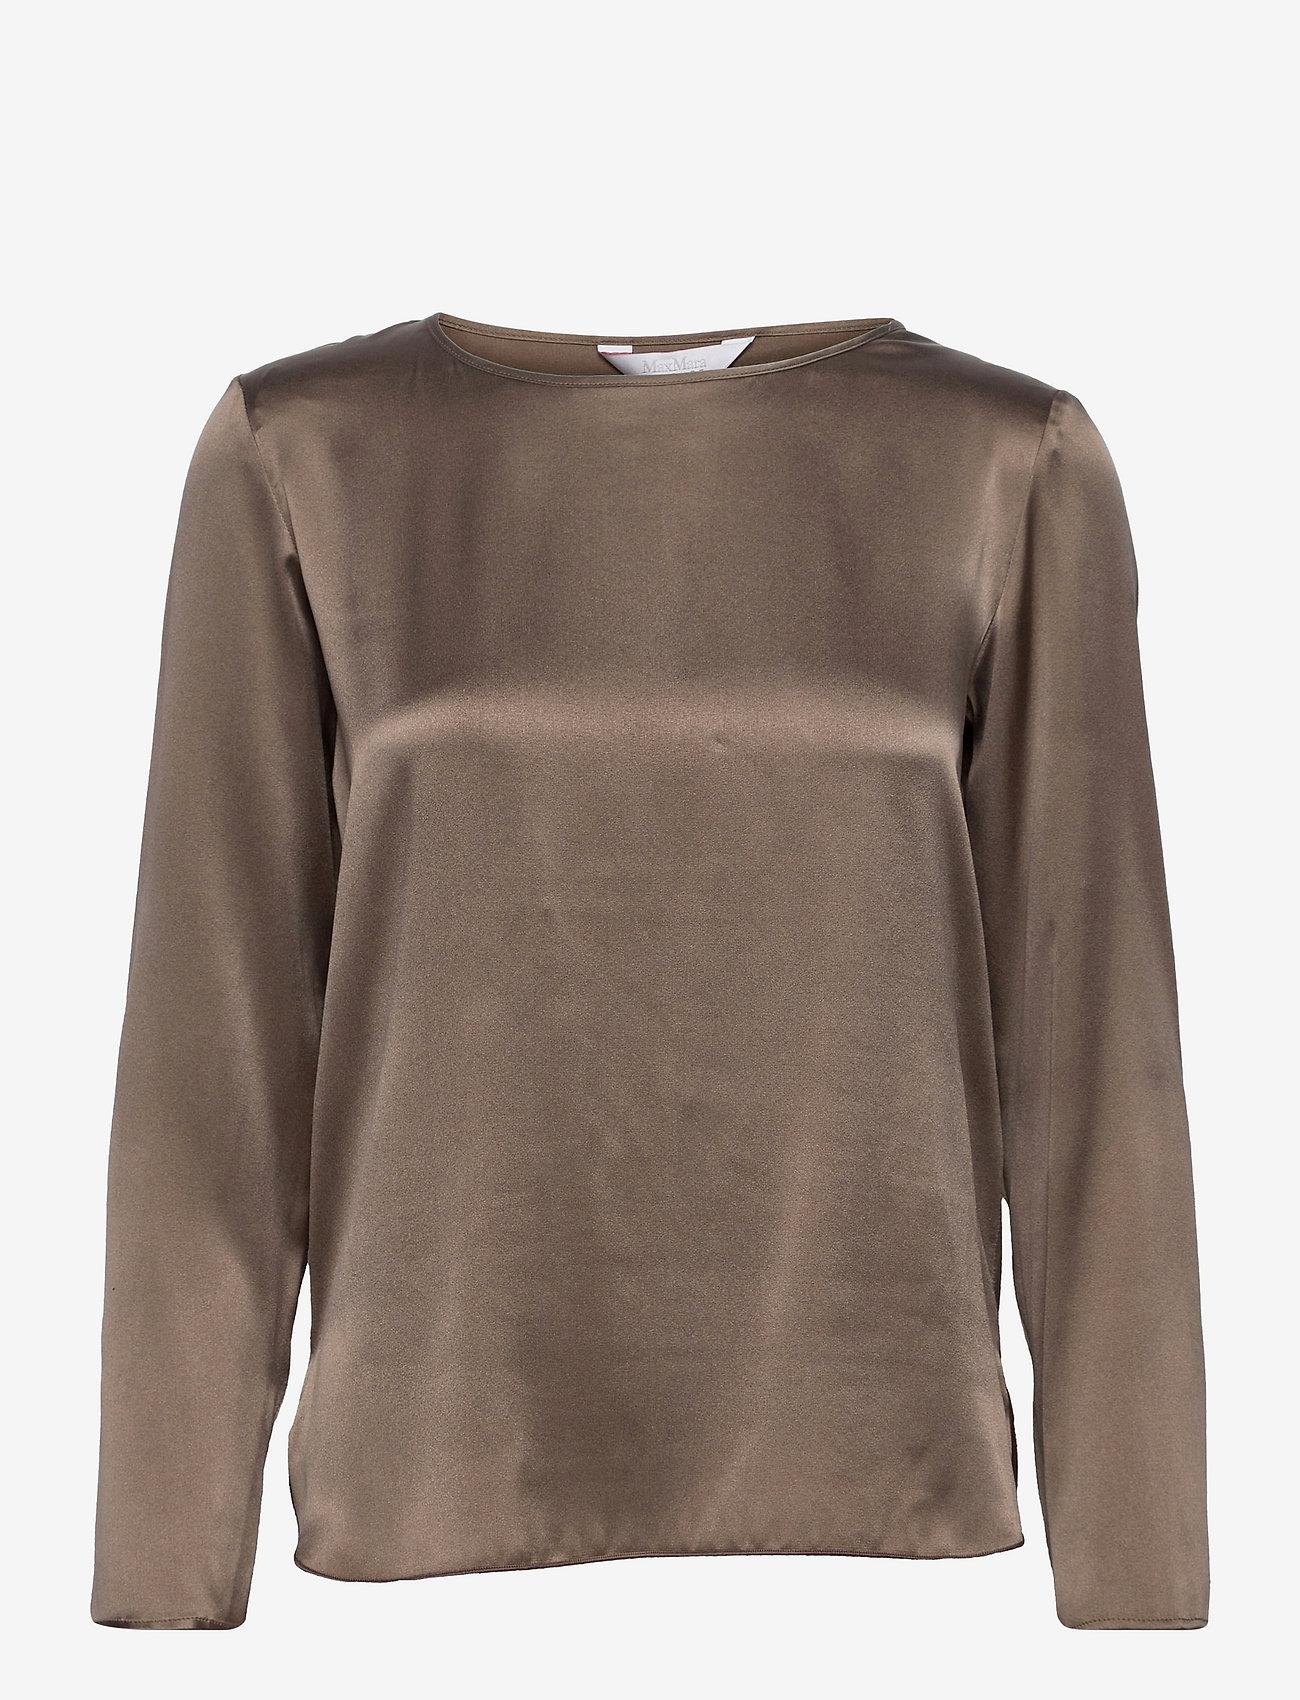 Max Mara Leisure - MOLDAVA - long sleeved blouses - turtledove - 0